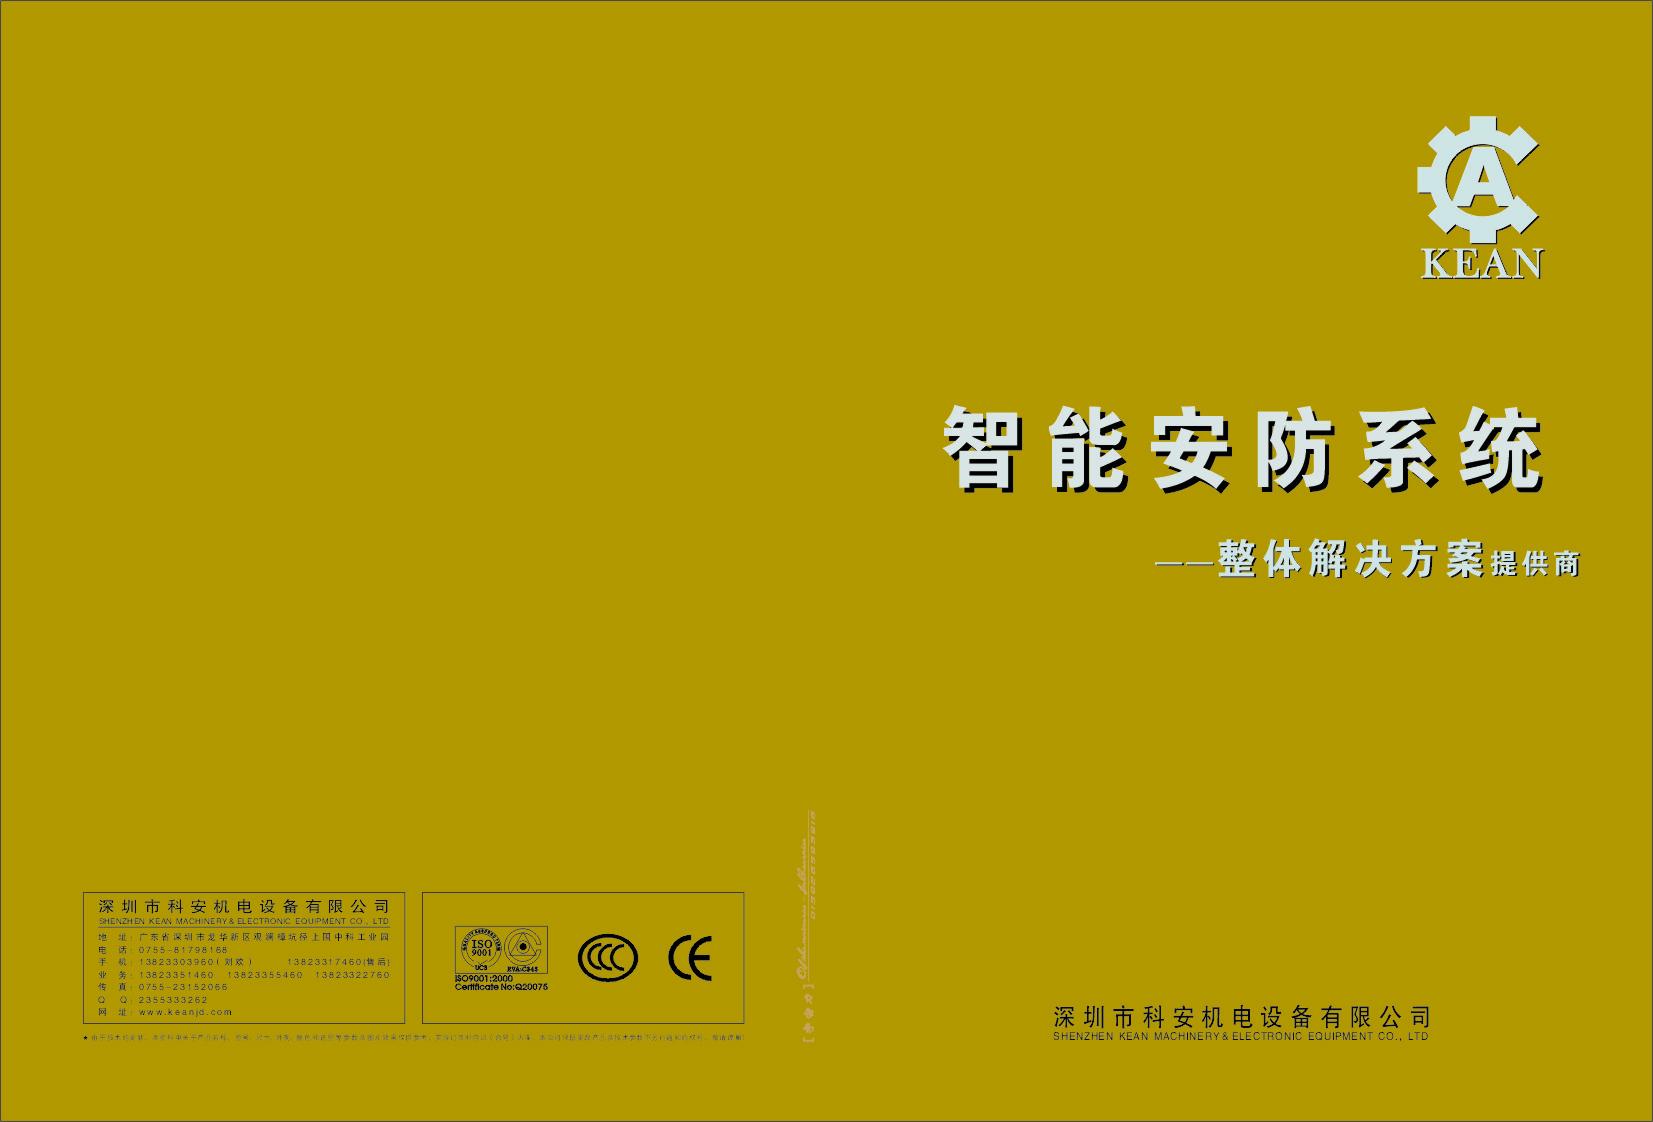 科安机电设备有限公司宣传册